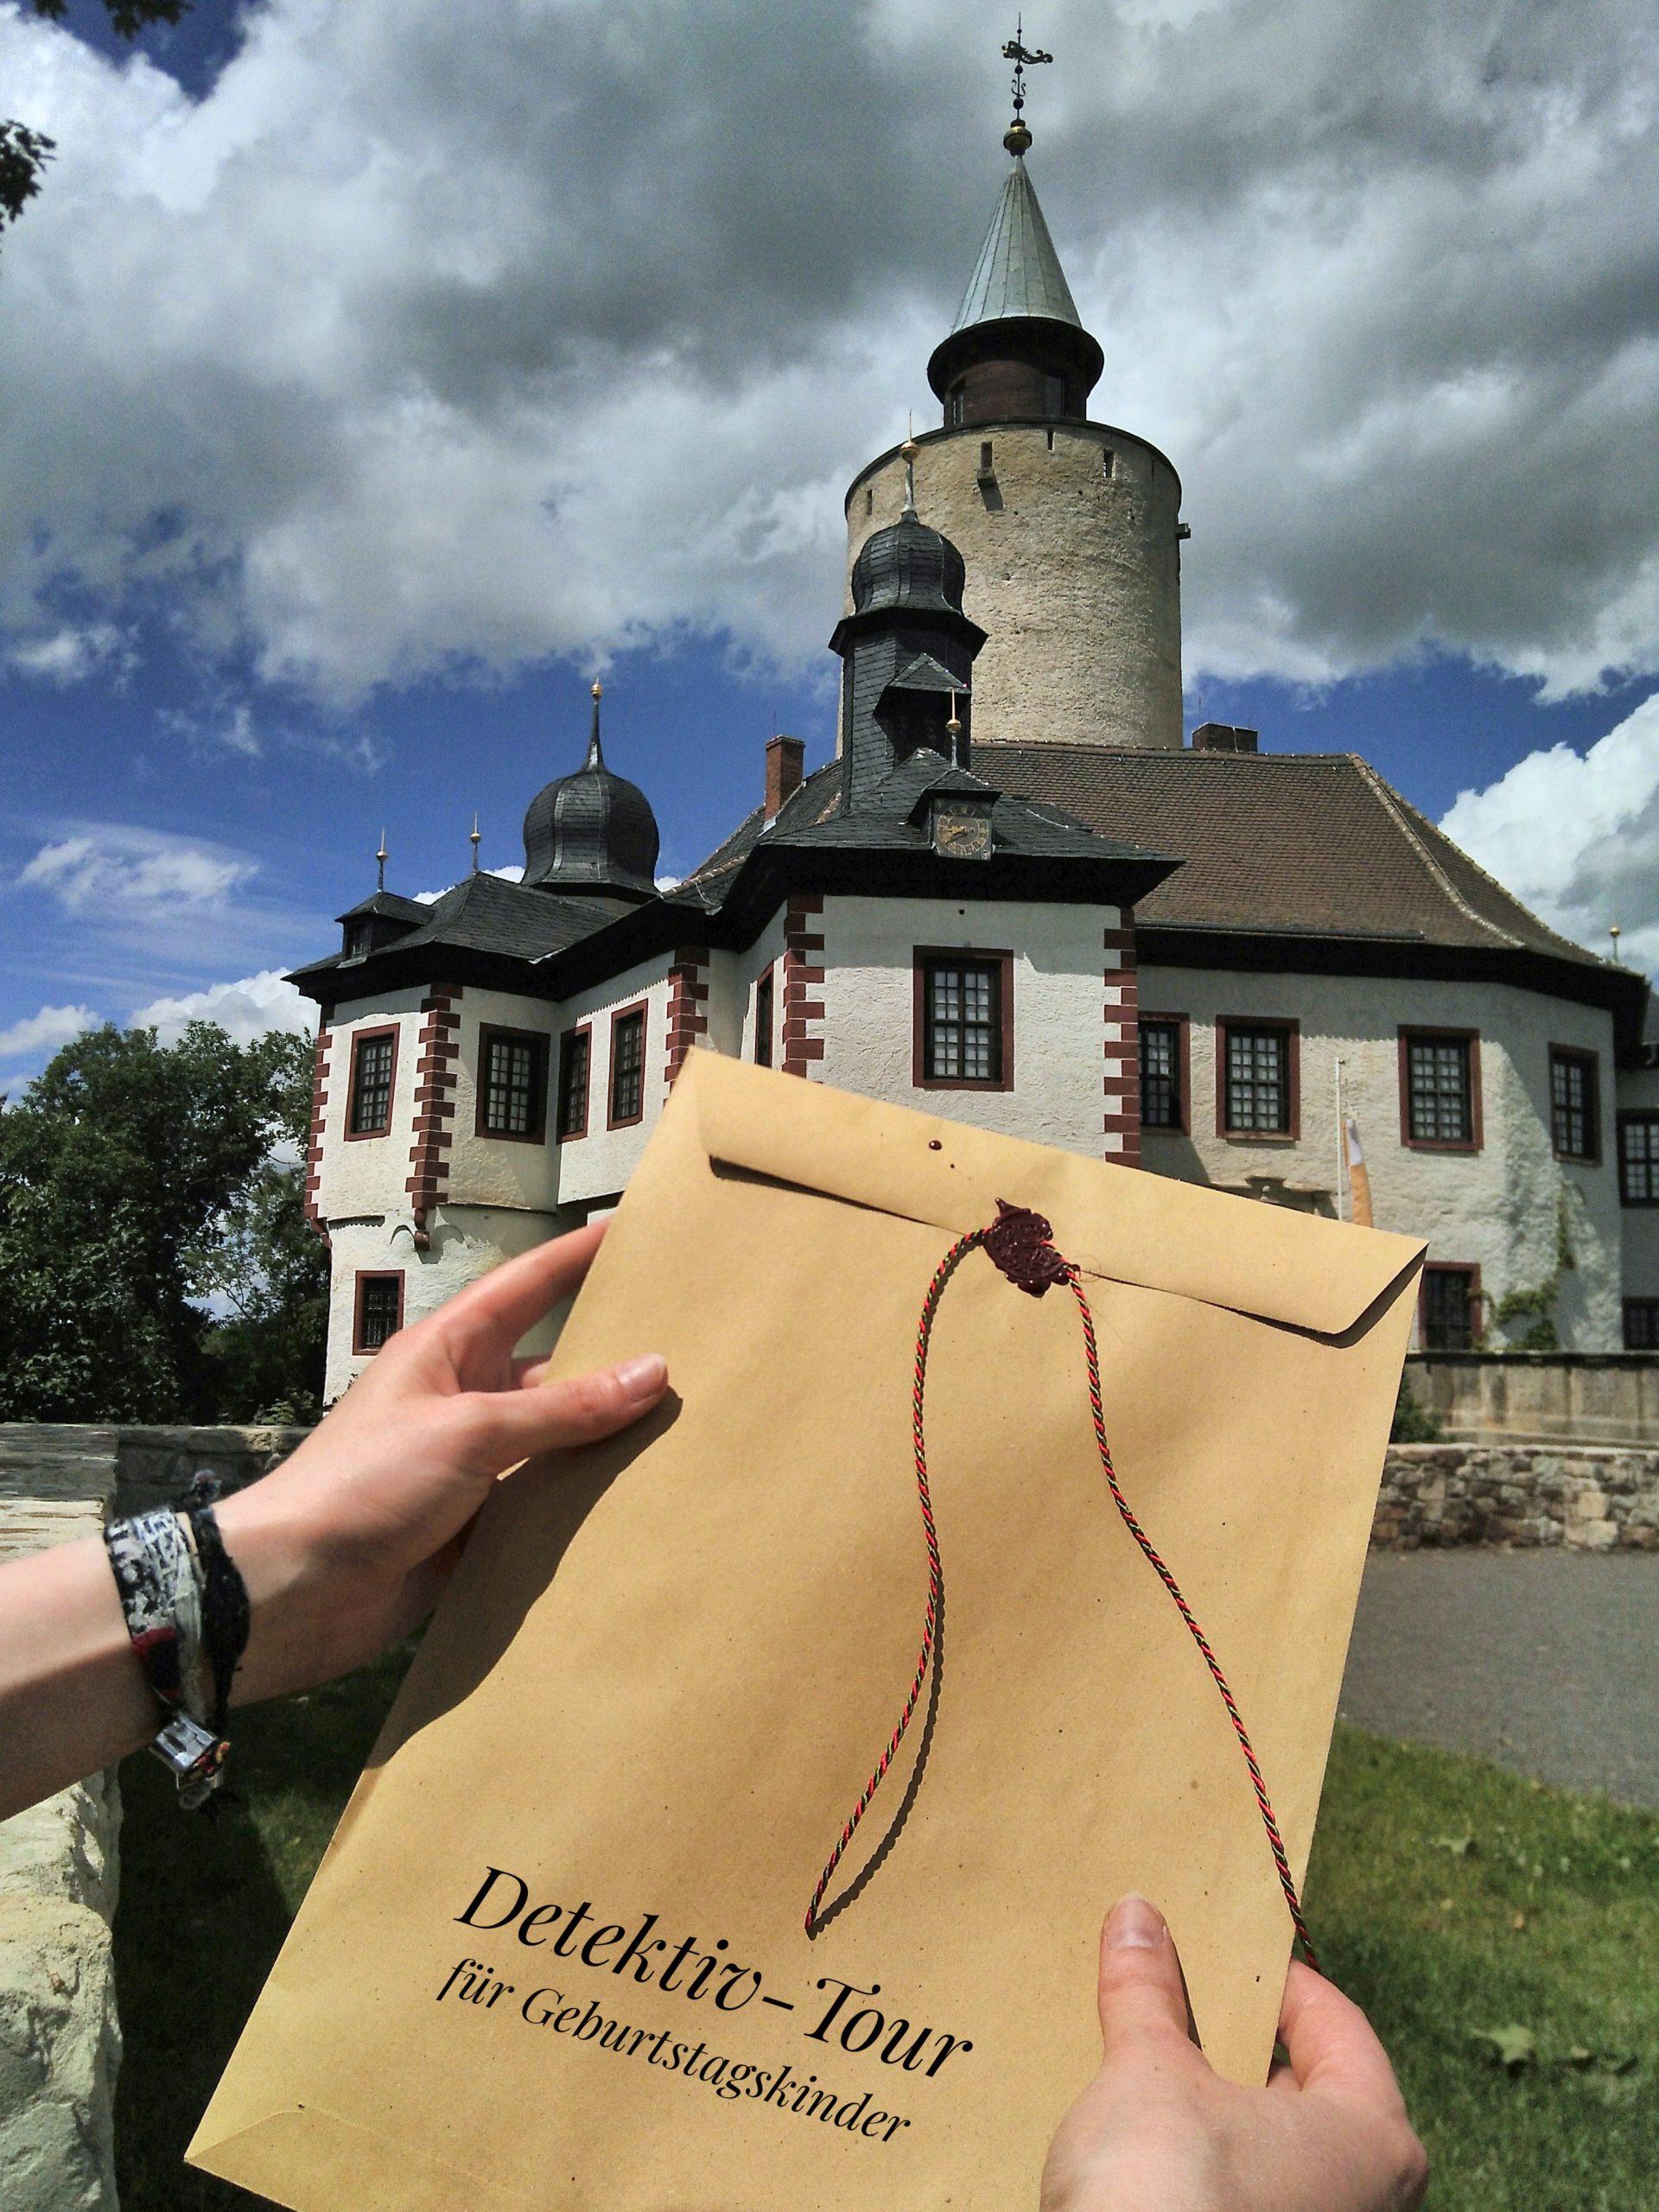 """Geburtstagskinder können Burg Posterstein mit einem Detektiv-Set gemeinsam erkunden. Mit Sinn für Team-Arbeit gilt es gemeinsam Rätsel zu knacken - Hilfestellung gibt es von der """"Burgwache""""."""